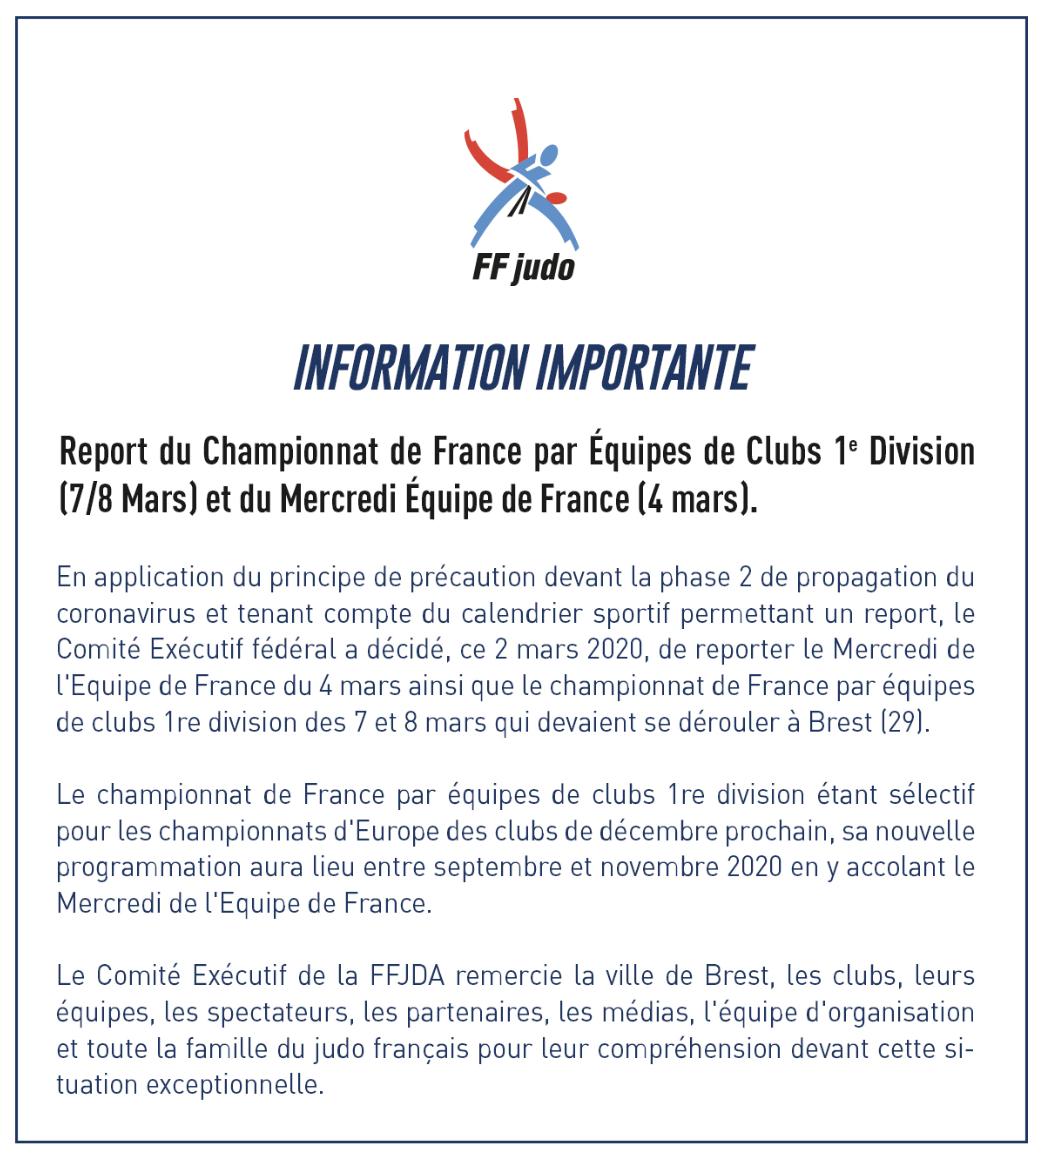 Championnat de France par équipes 1ère division et Mercredi de l'équipe de France reportés à la rentrée 2020